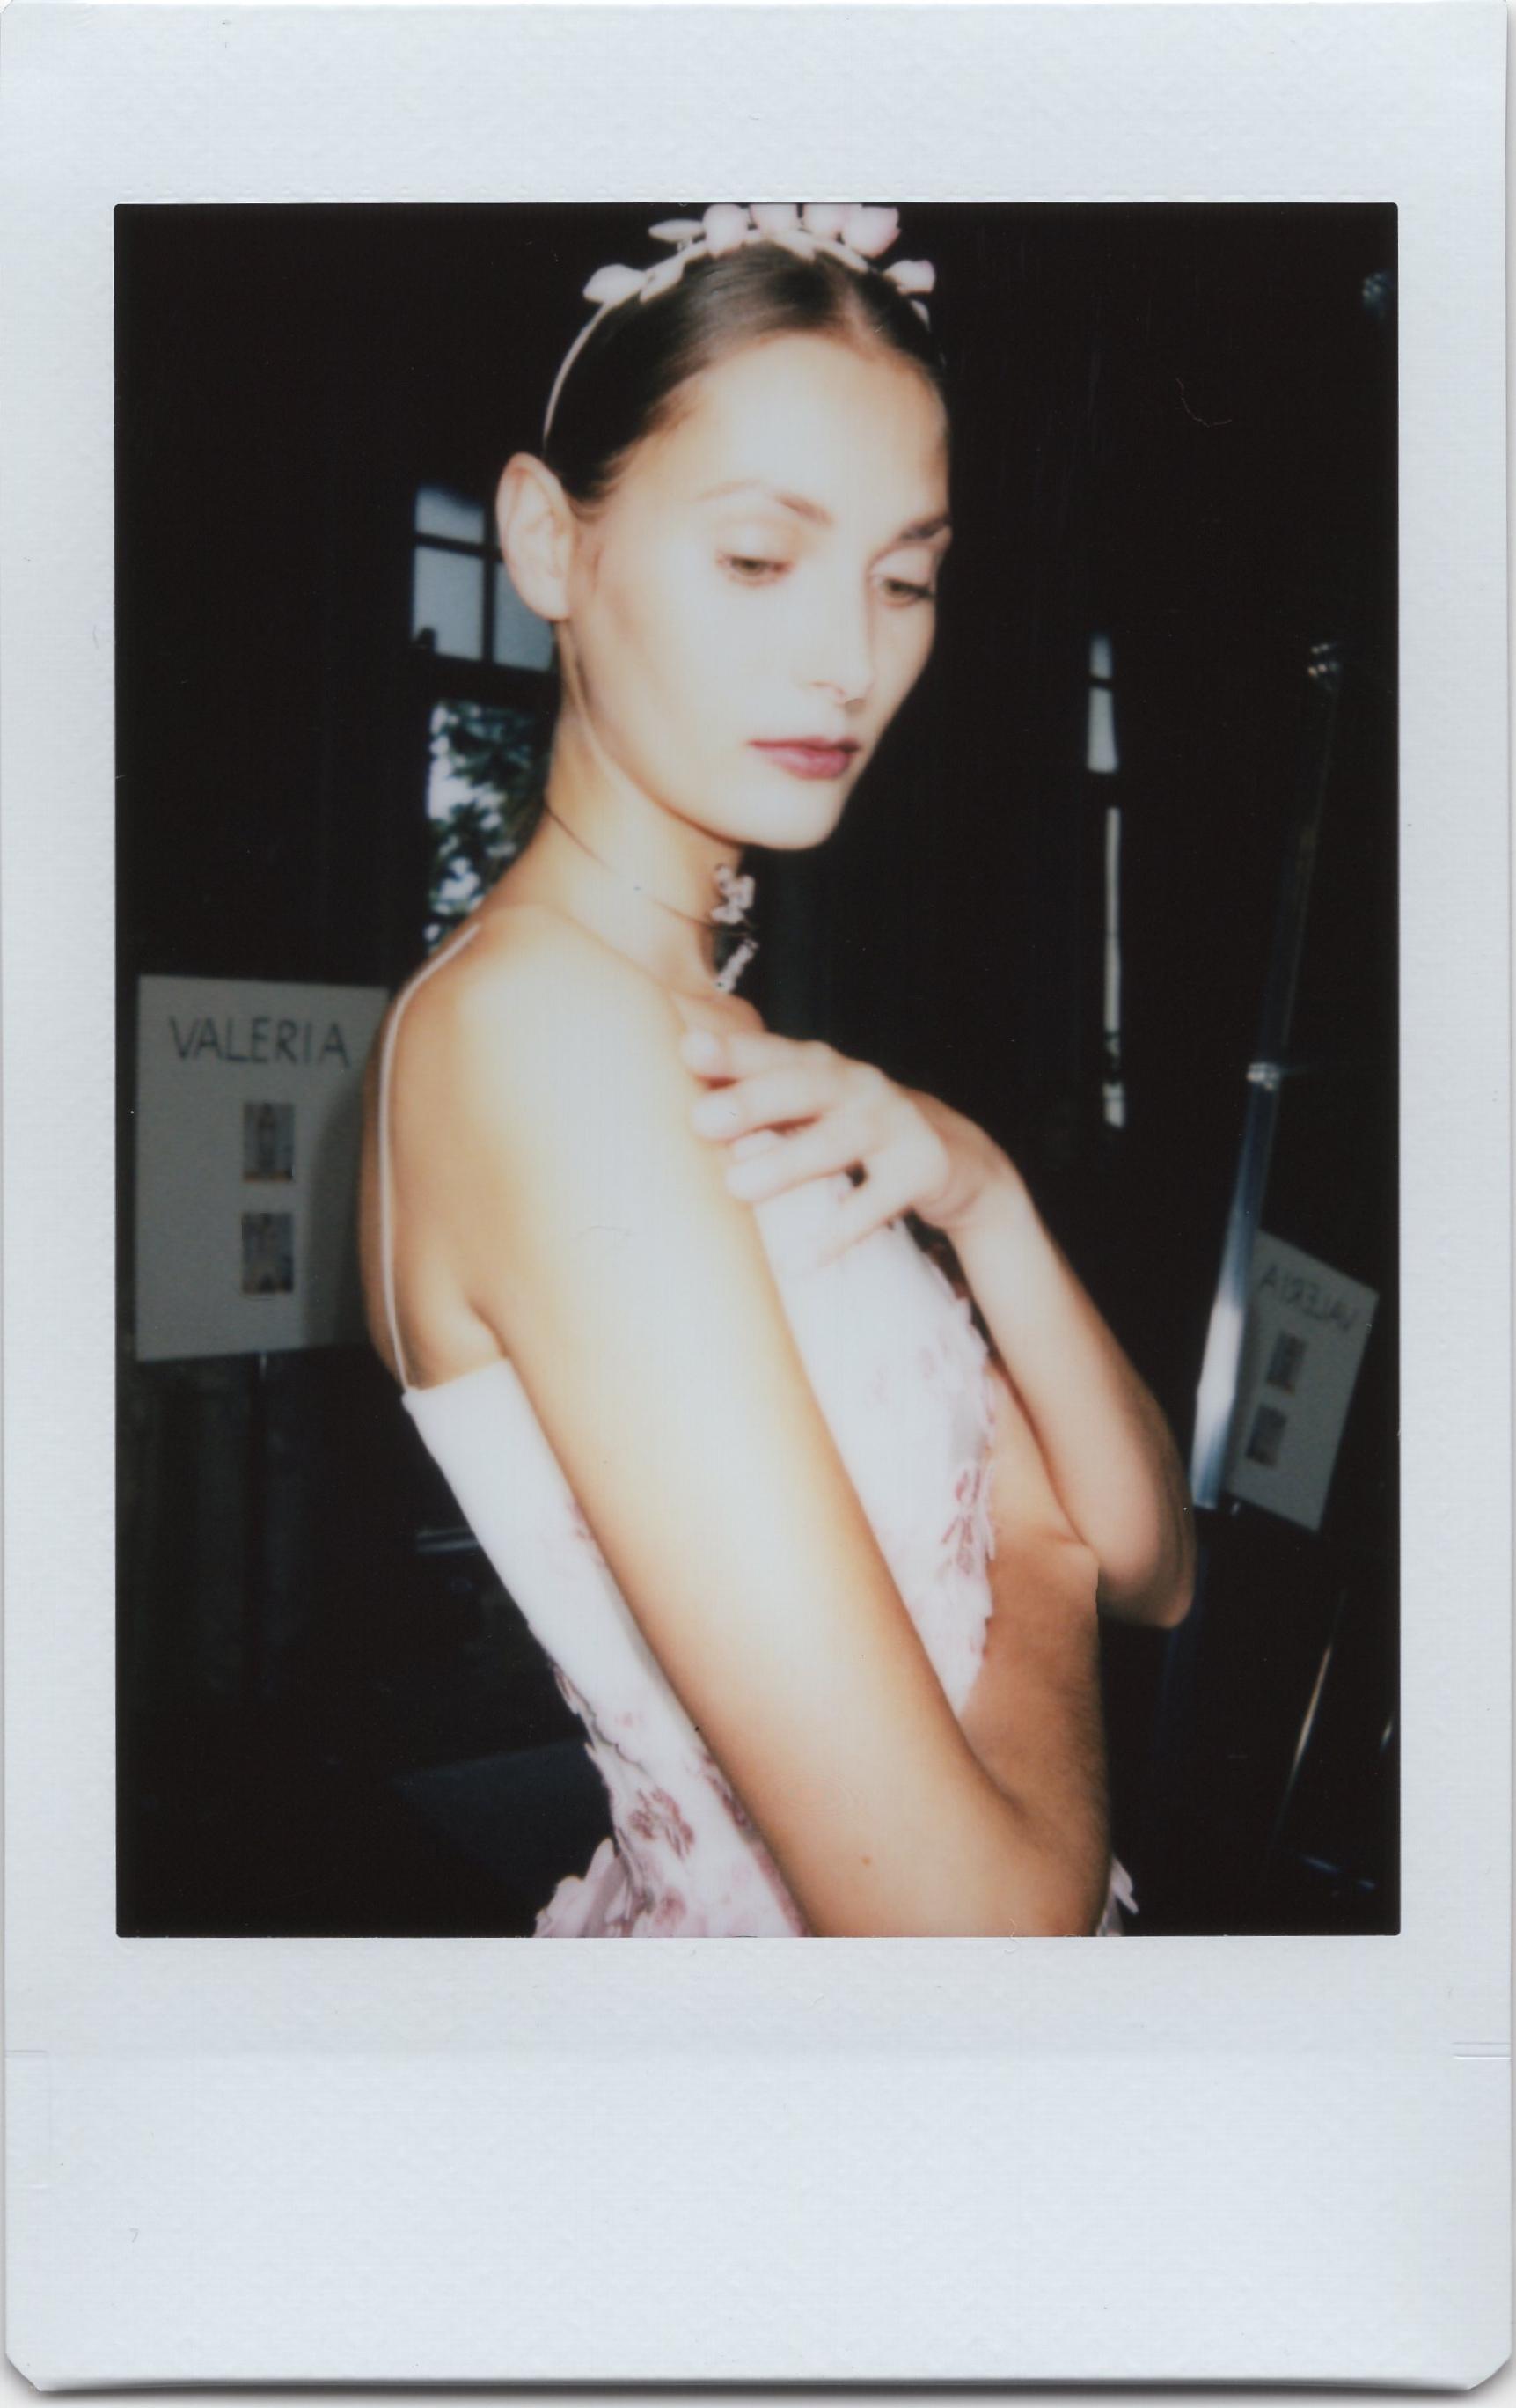 KaviarGauche_Honigschreck_Backstage_Polaroid_1.jpg